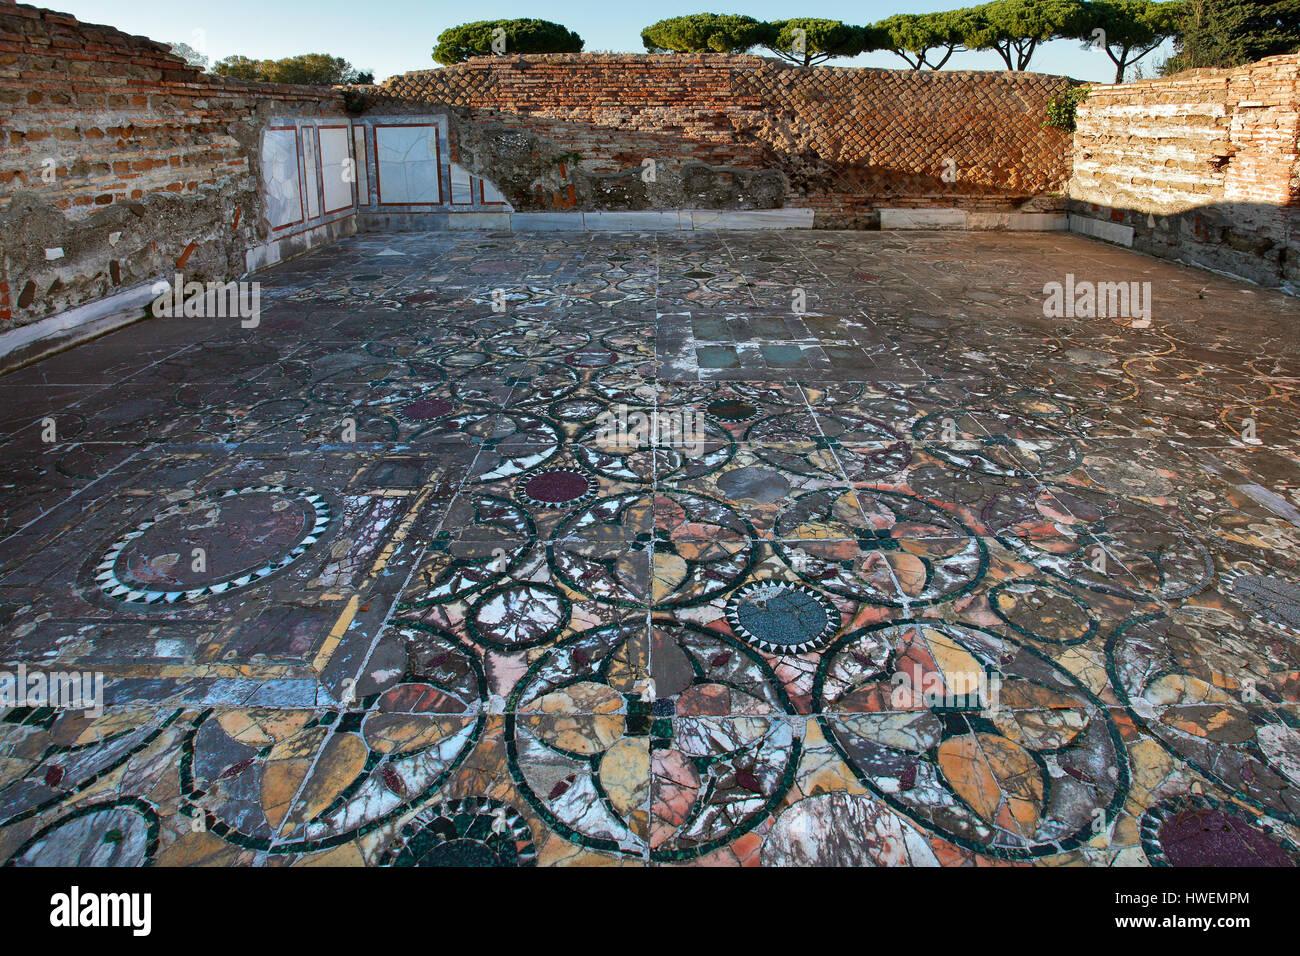 Italia Lacio Ostia Antica Domus - Cupido y psique pavimento en opus sectile Imagen De Stock